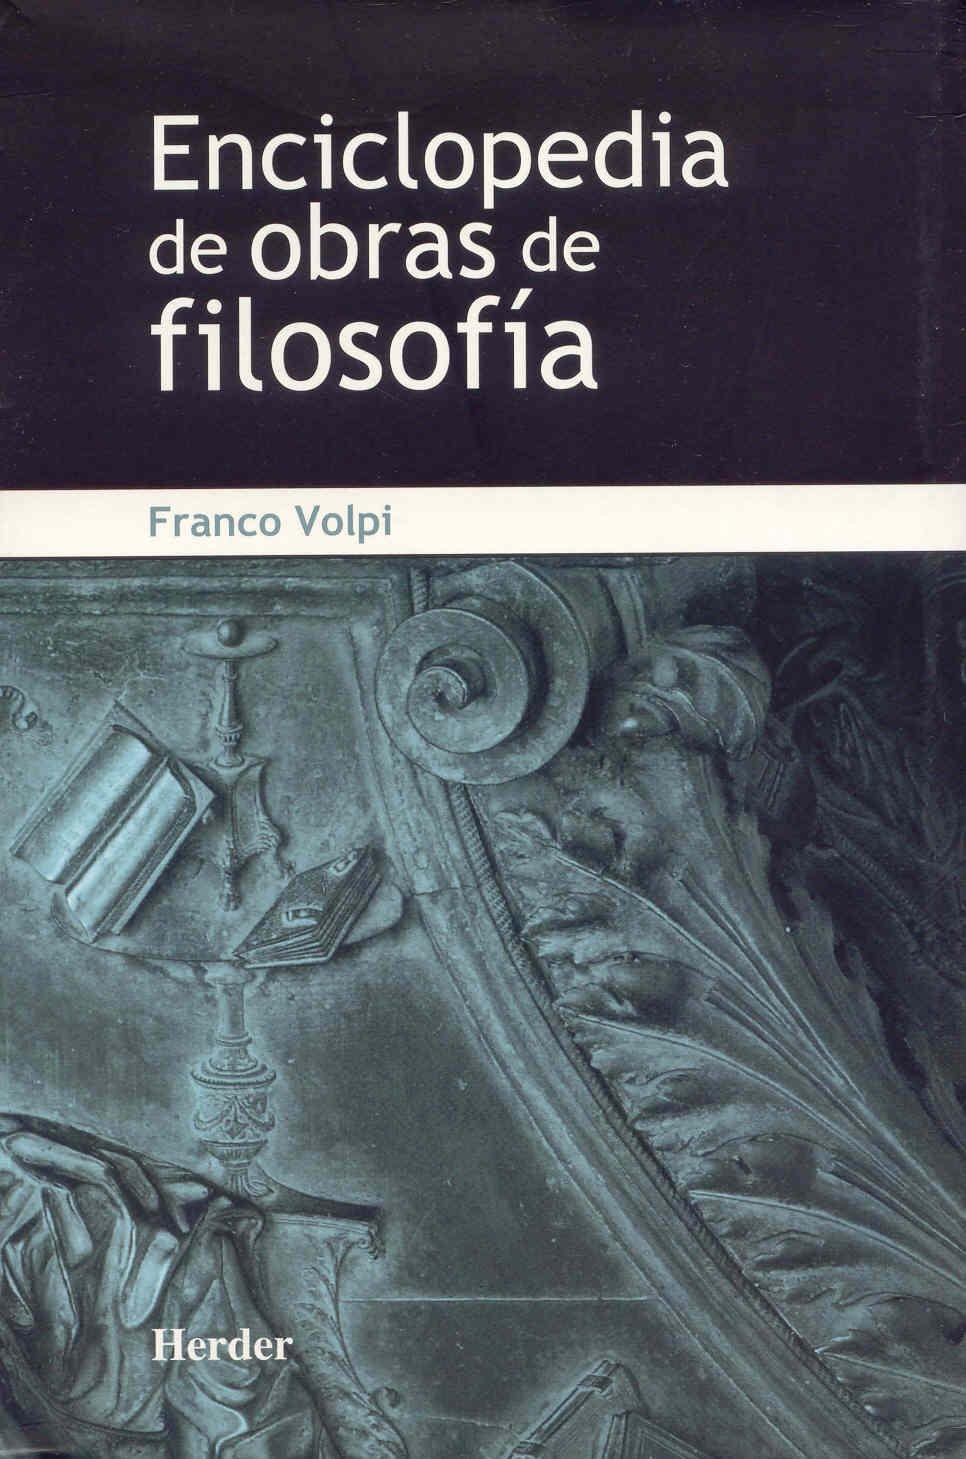 Enciclopedia de obras de filosofía: 3: Amazon.es: Volpi, Franco, Gabás, Raúl, Volpi, Franco, Martínez-Riu, Antoni, Gabás, Raúl: Libros